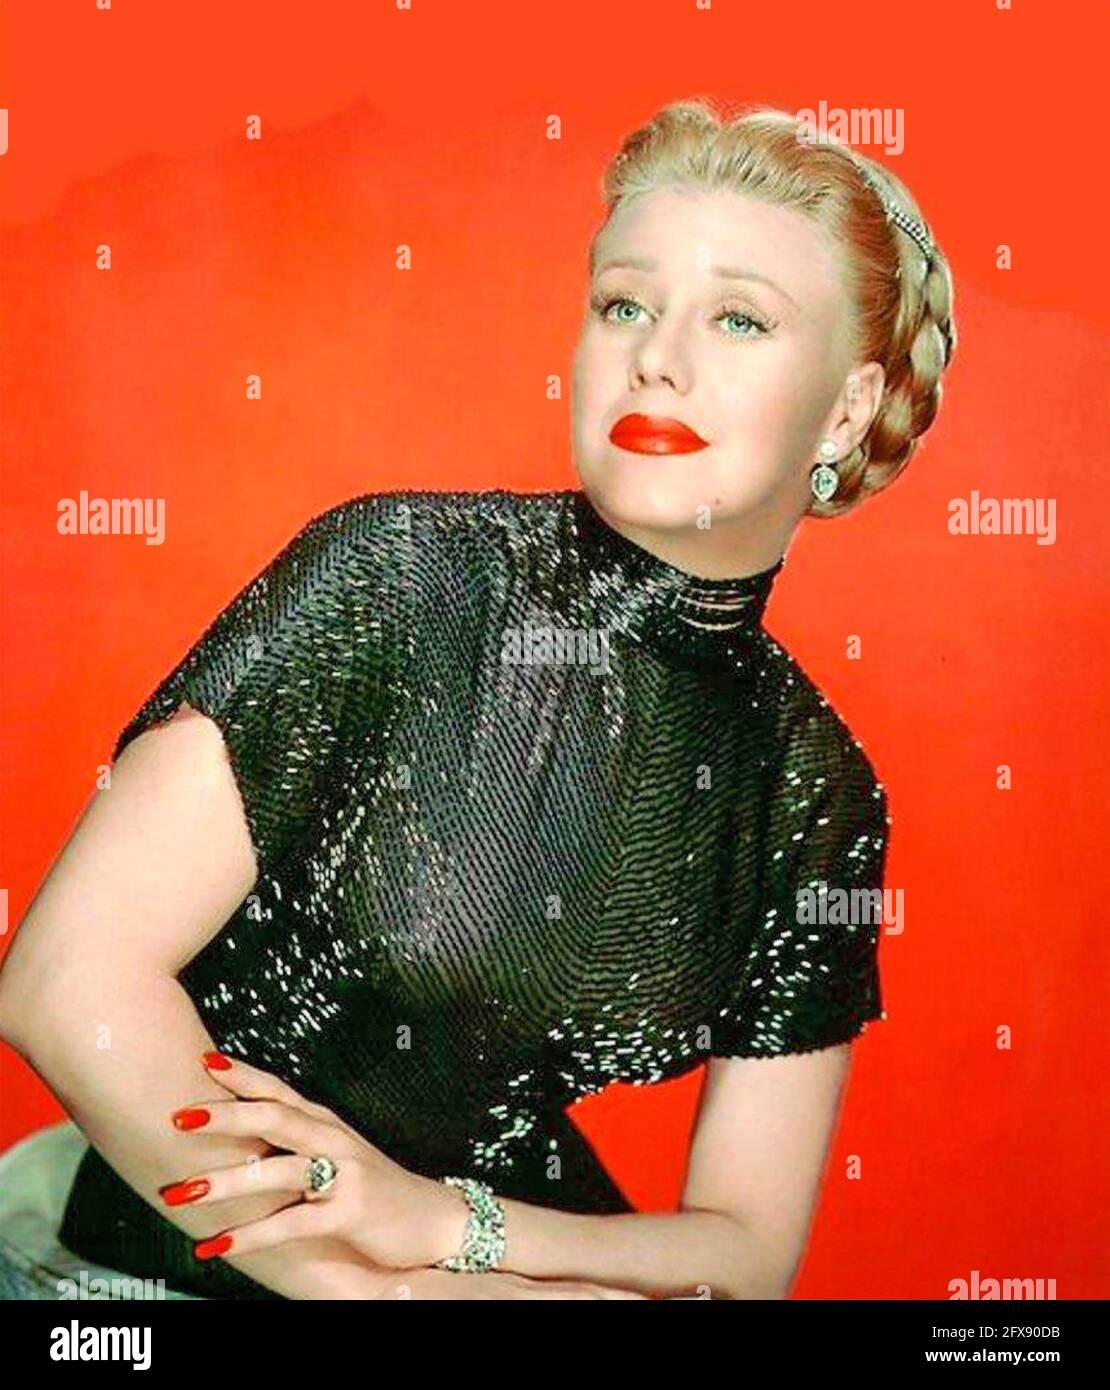 GINGER ROGERS (1911-1995) actrice et danseuse américaine vers 1945 Banque D'Images